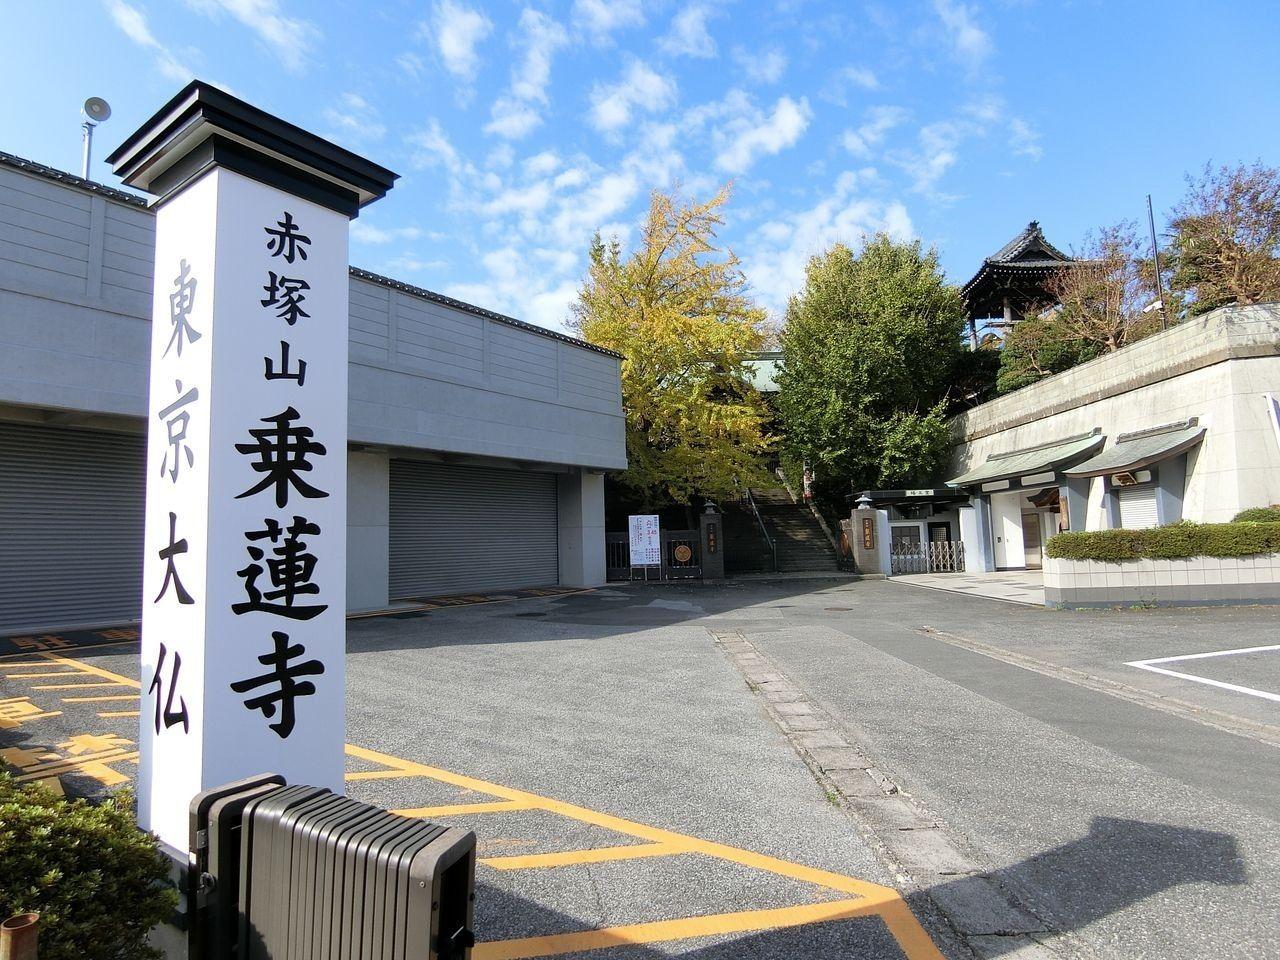 板橋区赤塚の乗蓮寺(東京大仏)